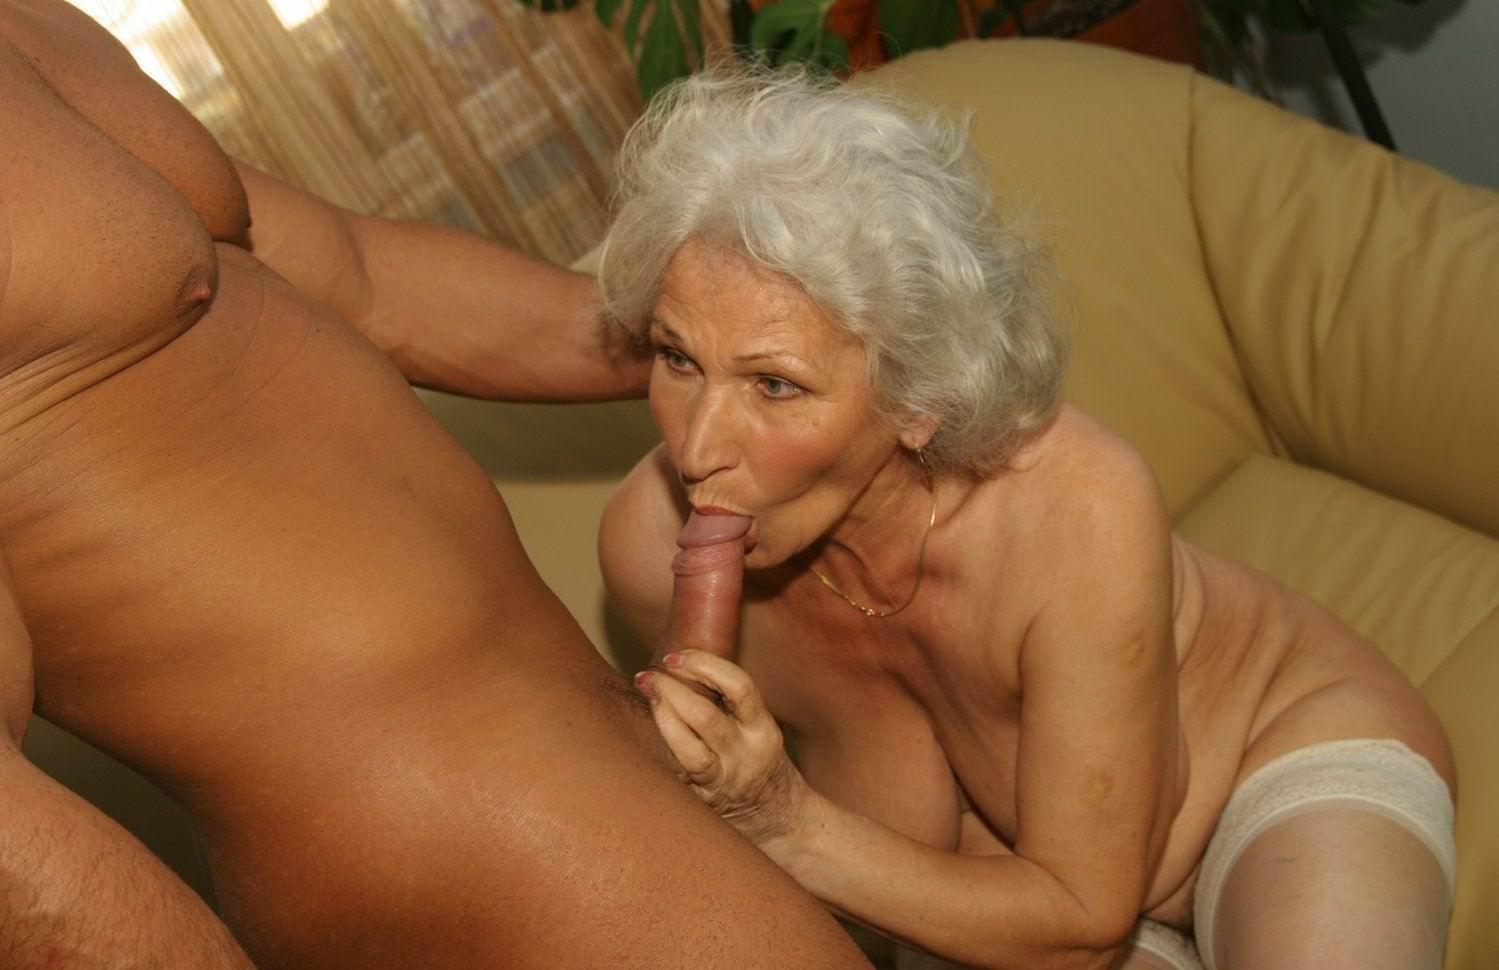 Видио бабки скочать старые